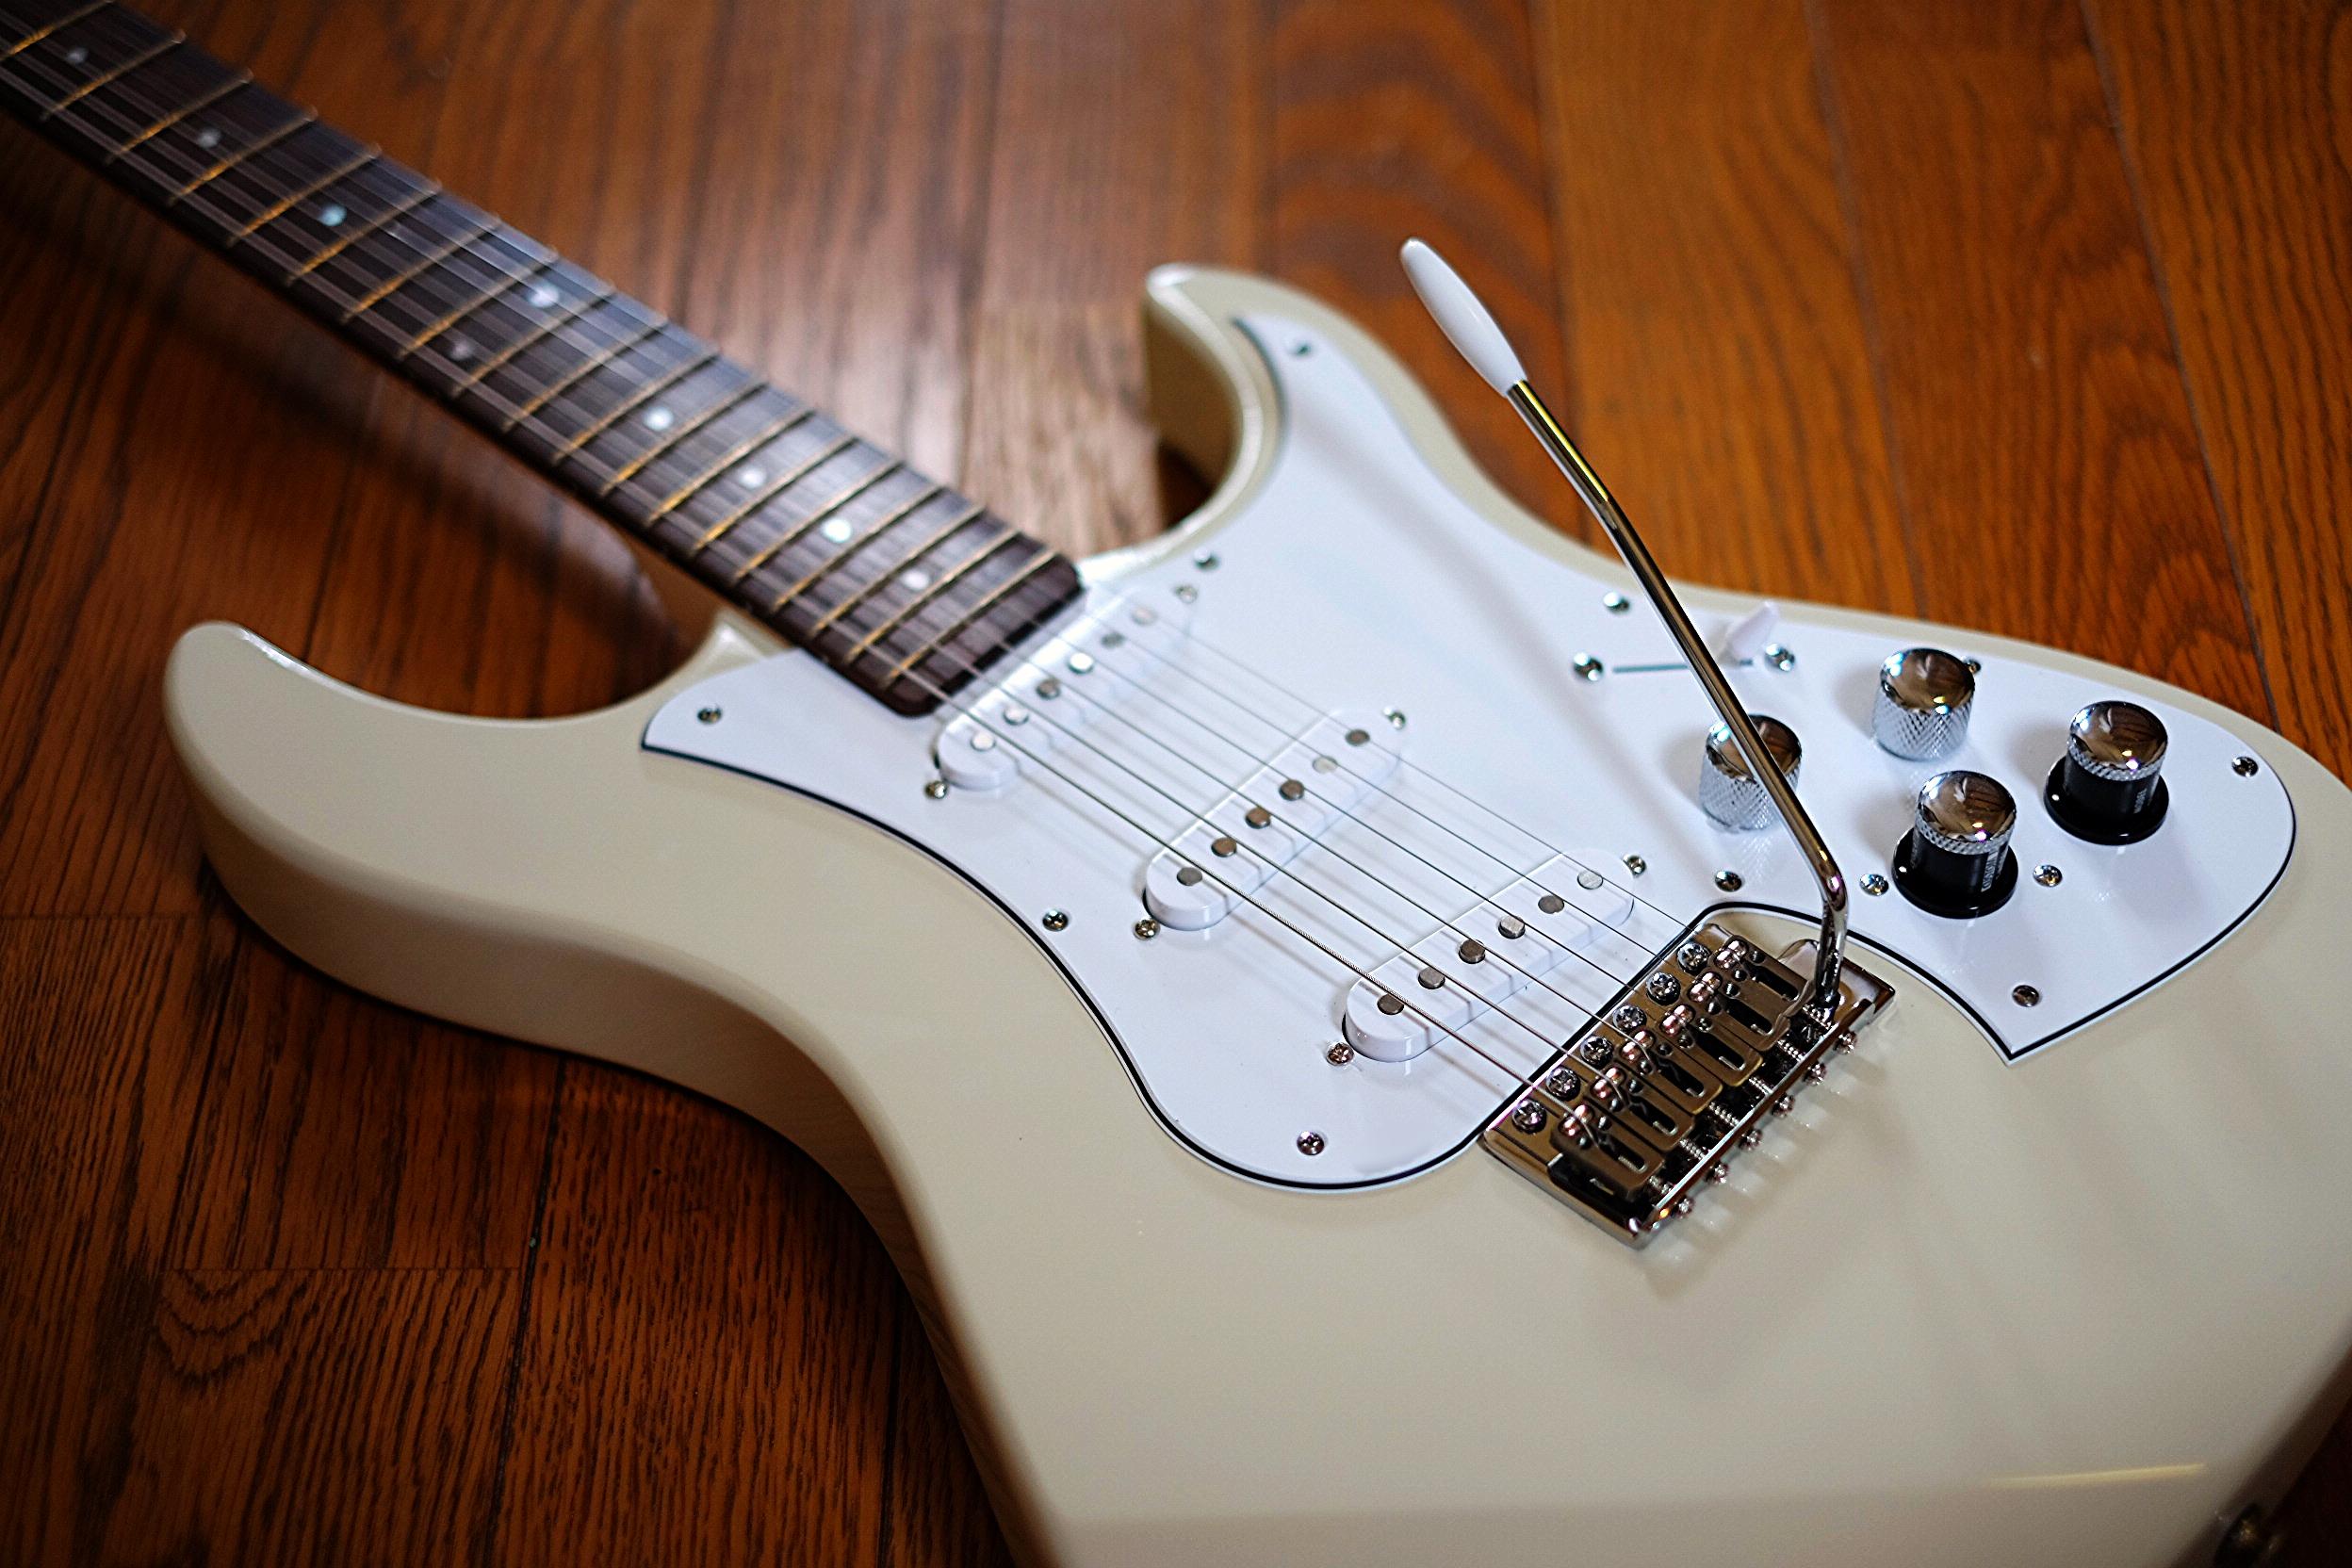 guitarra yamaha line 6 modelado